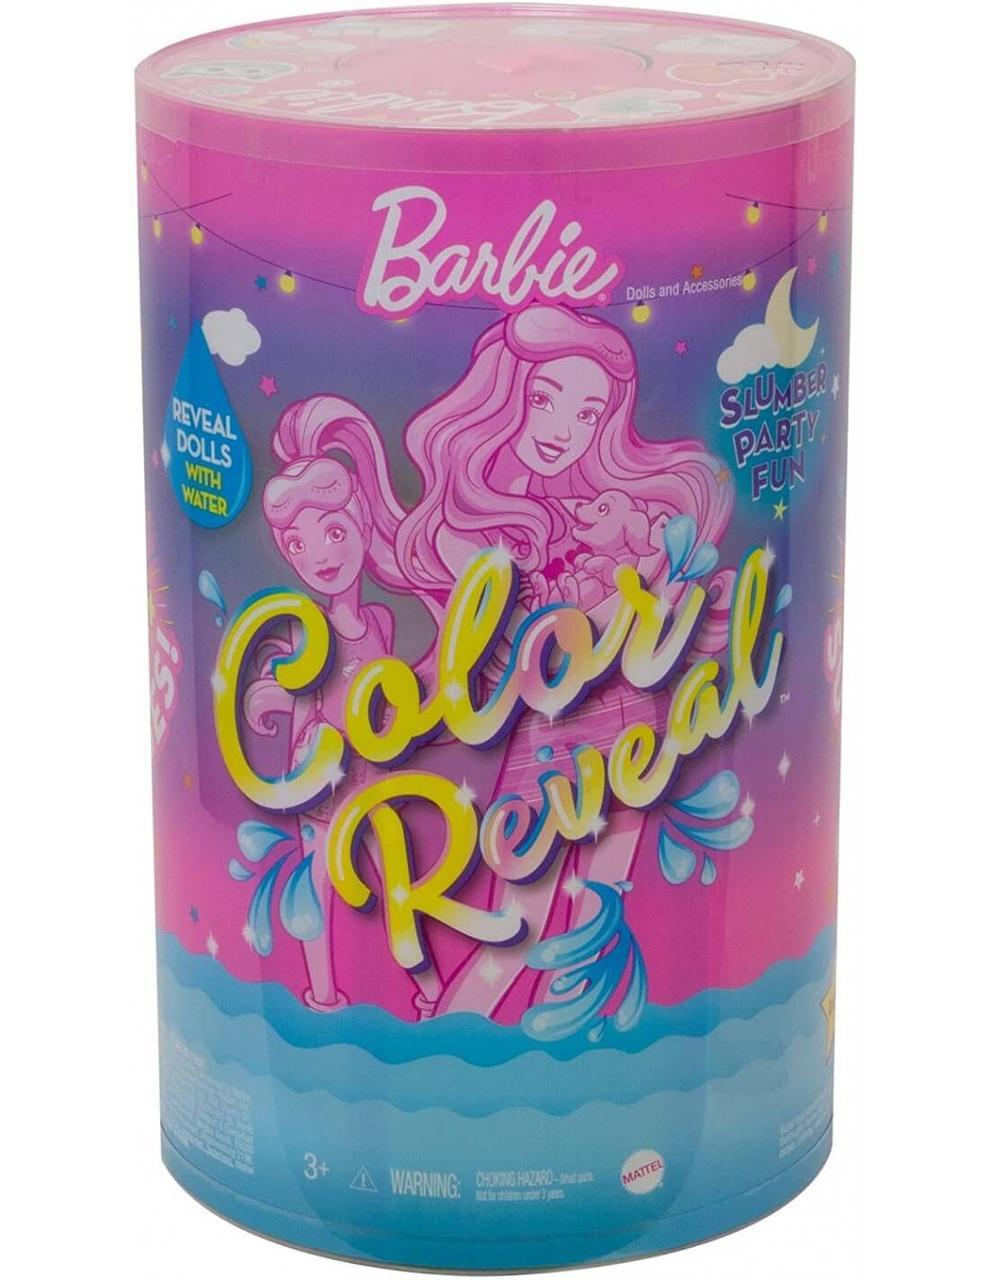 Barbie Colour Reveal Пижамная вечеринка